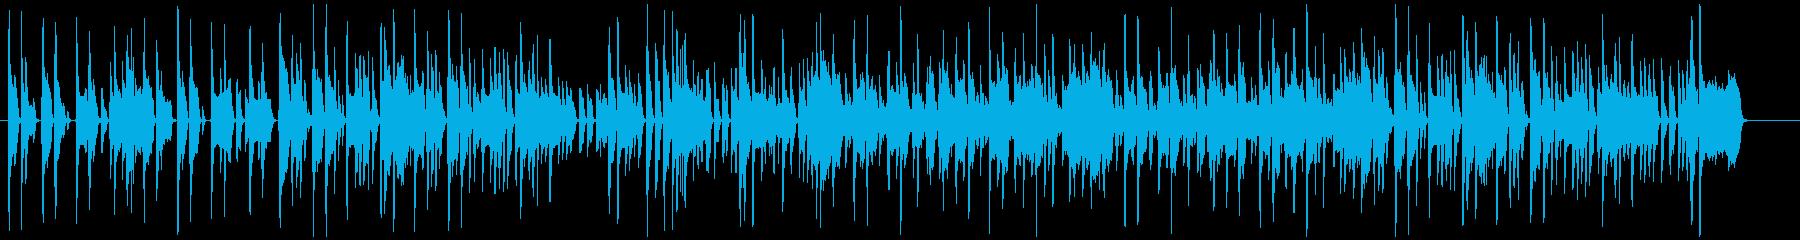 源さんっぽいHappyなポップス 遅版2の再生済みの波形